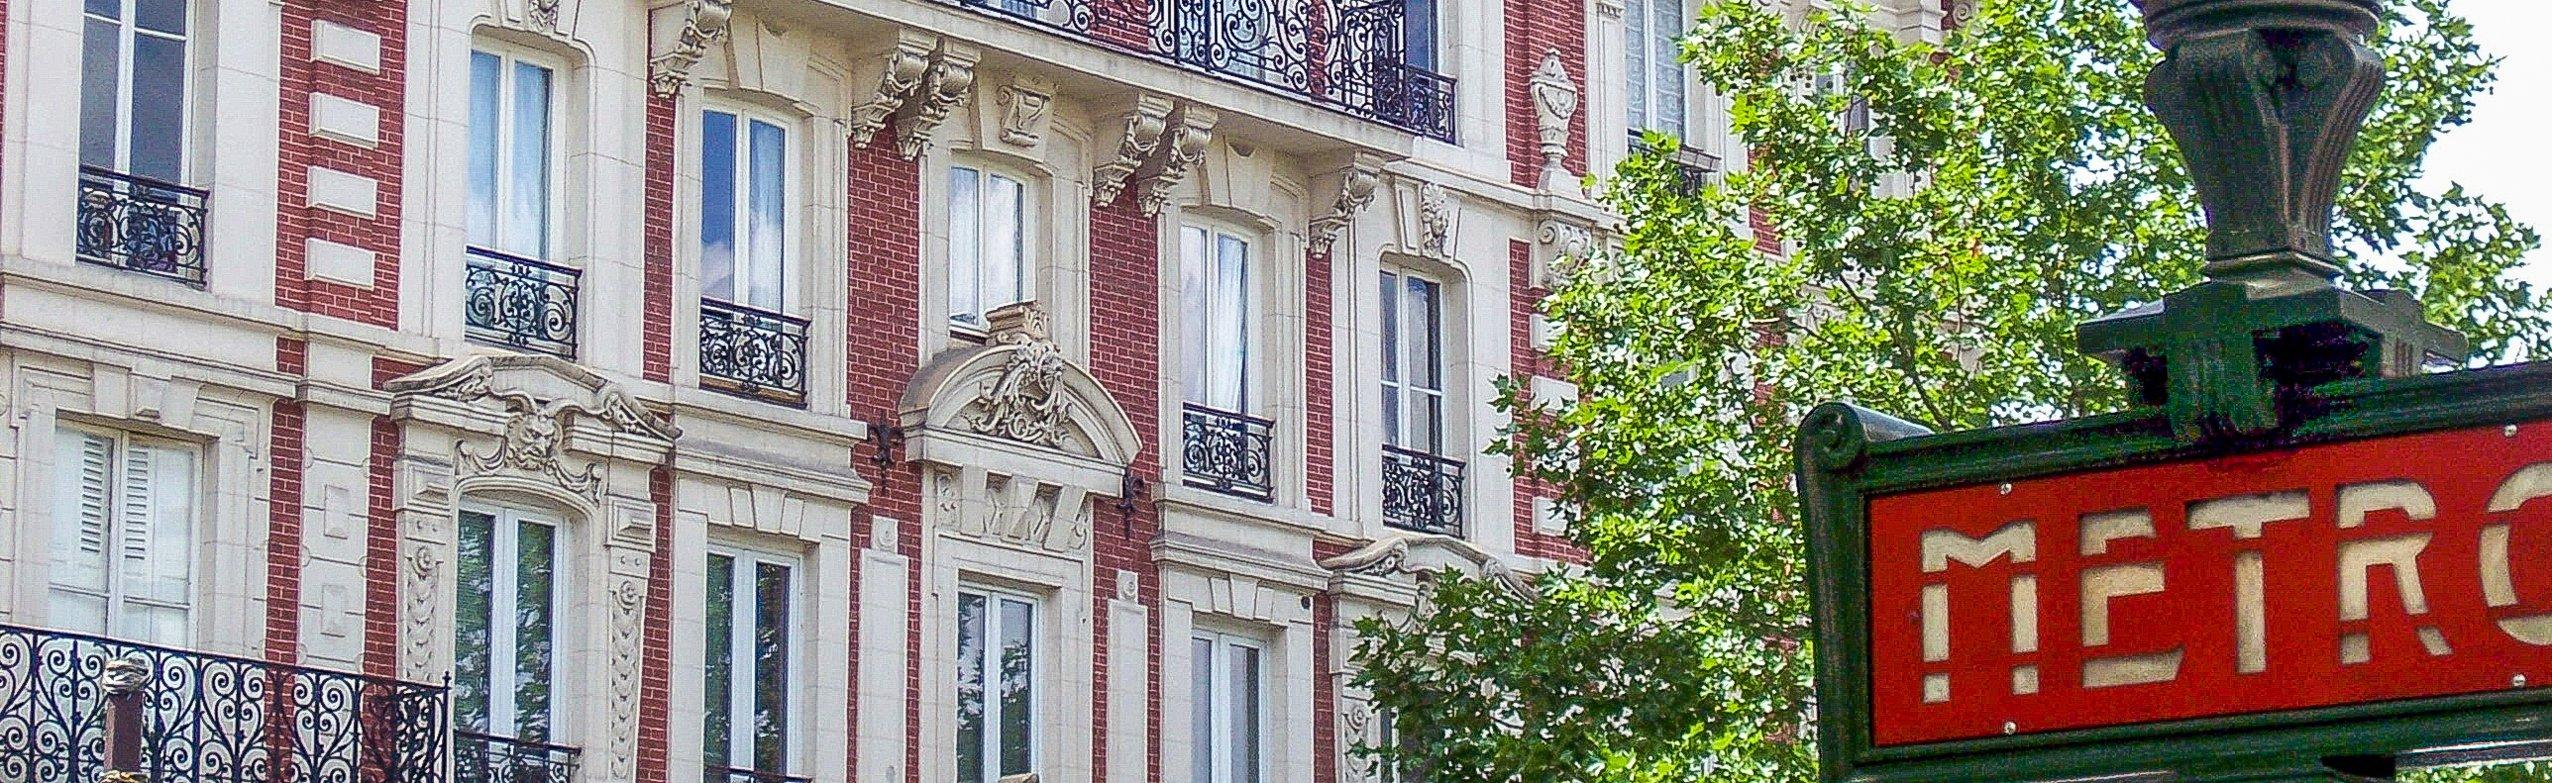 Chasseur Immeuble Paris